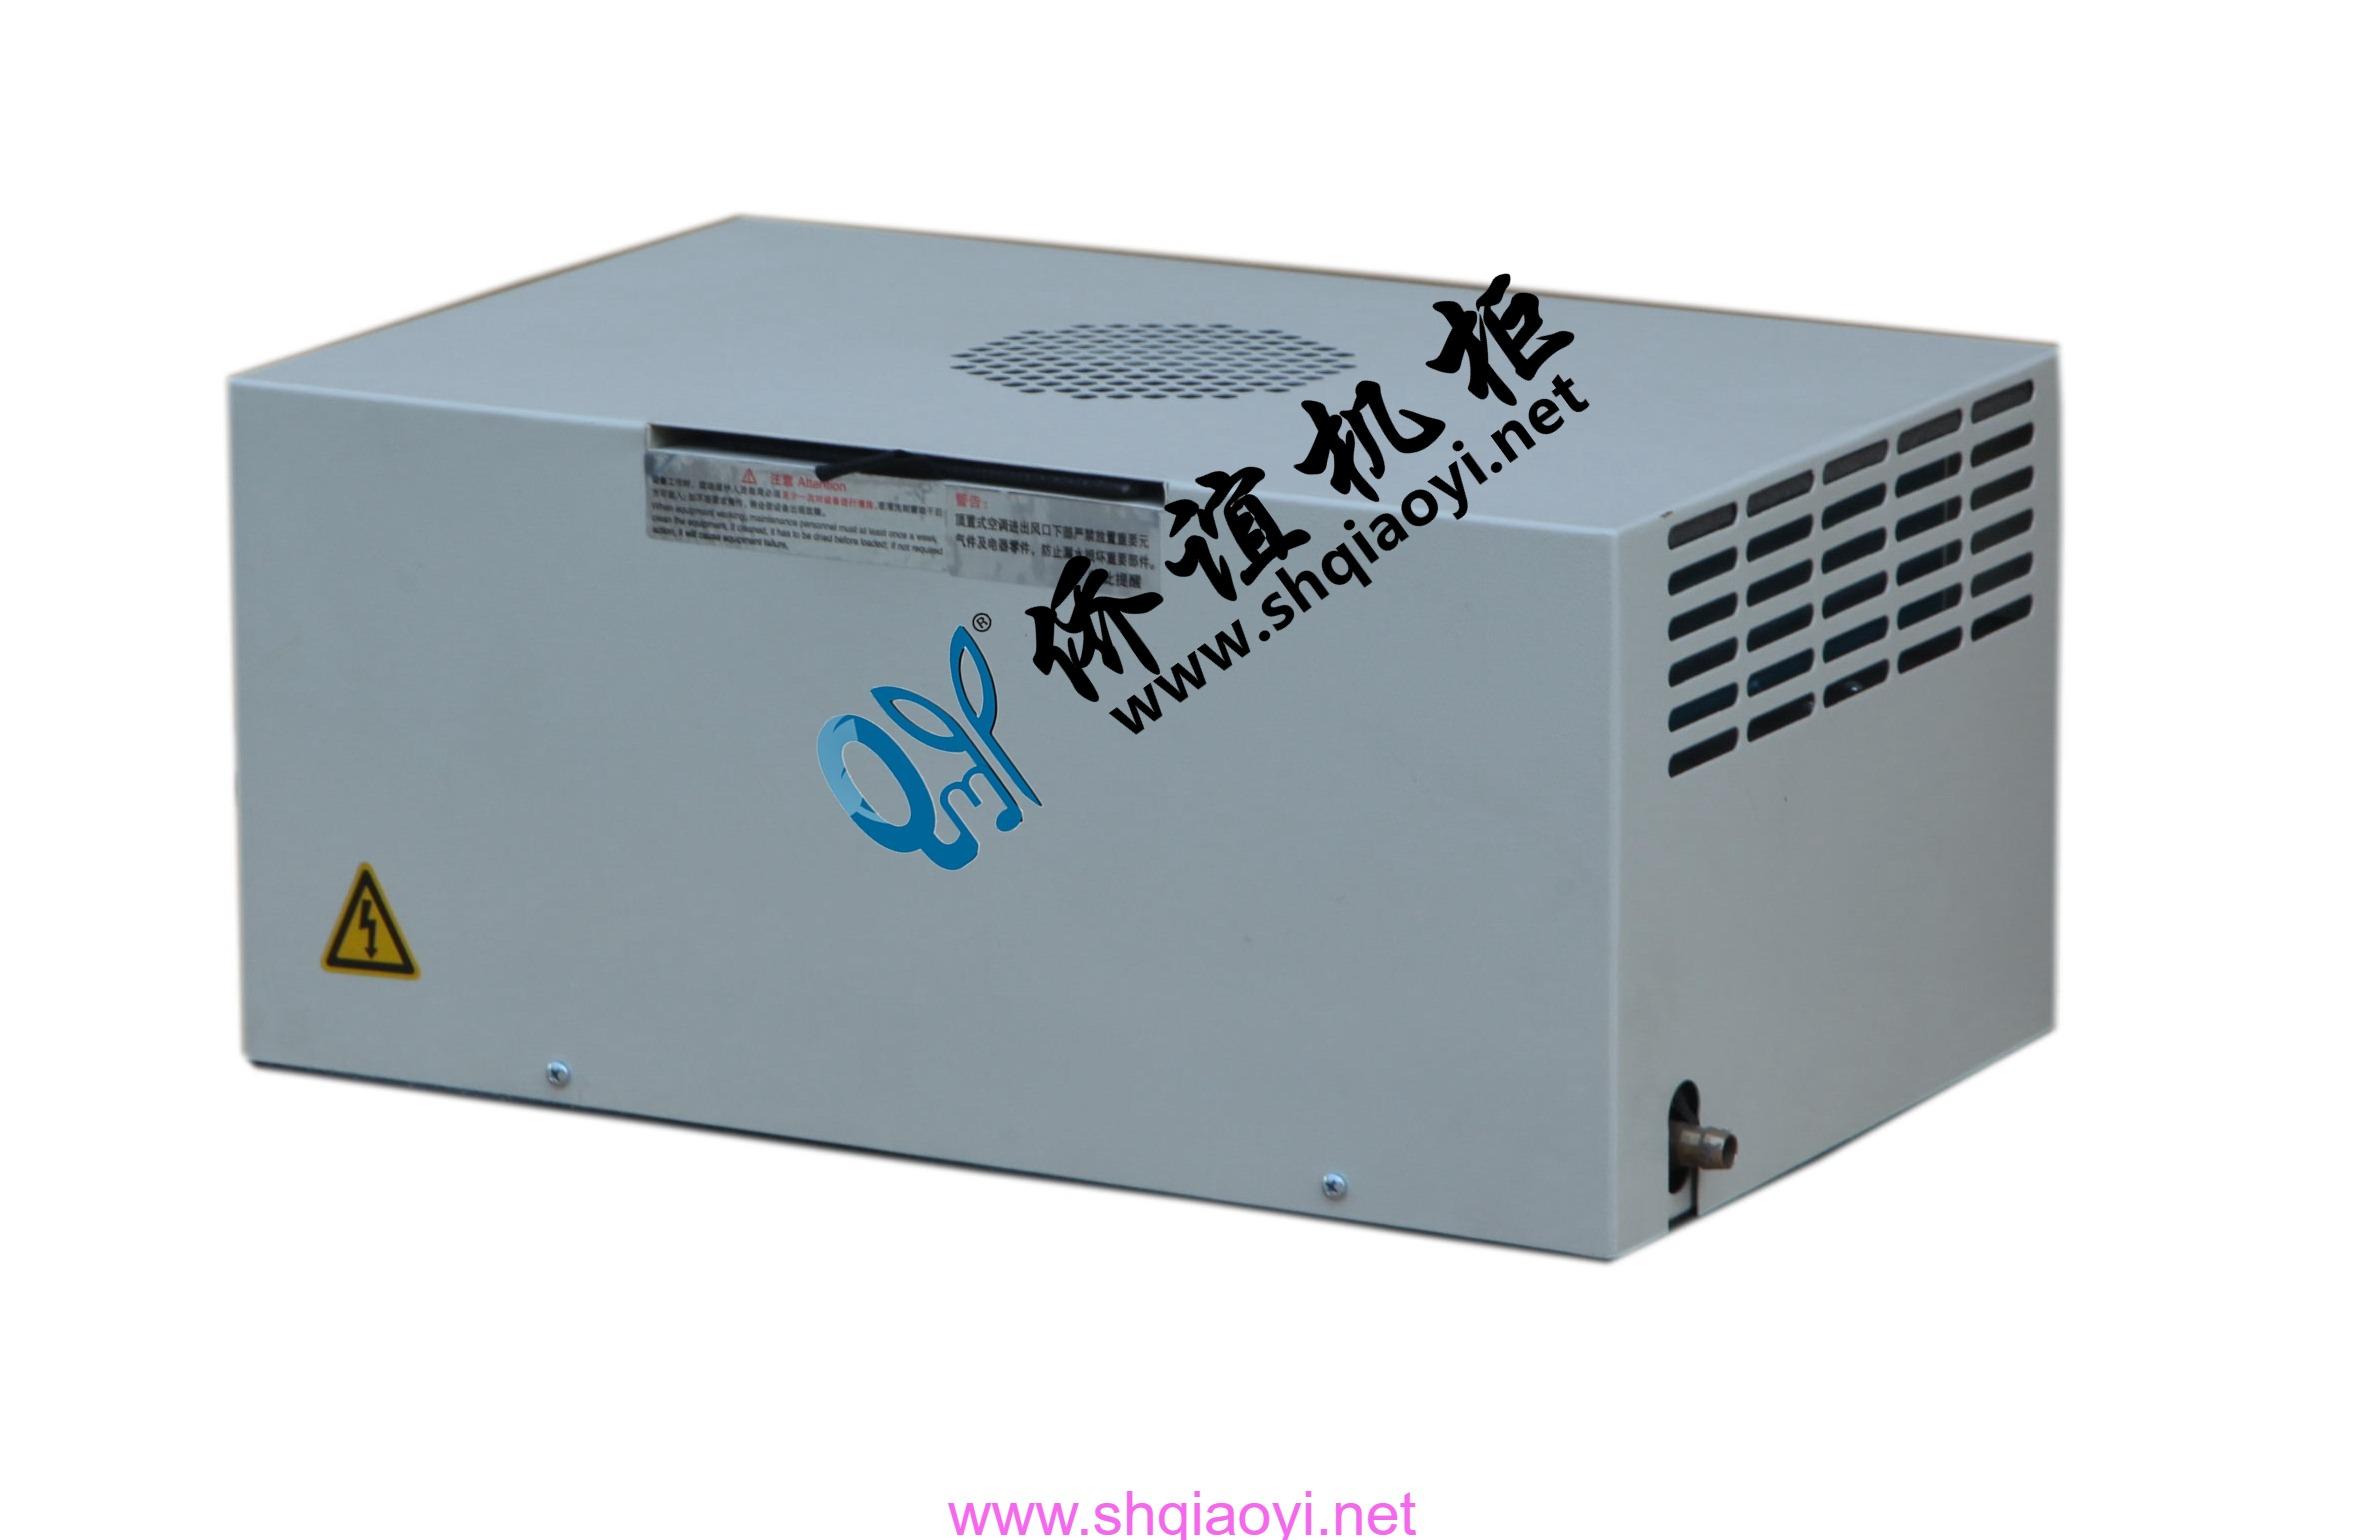 顶装配电柜空调QYDEA300